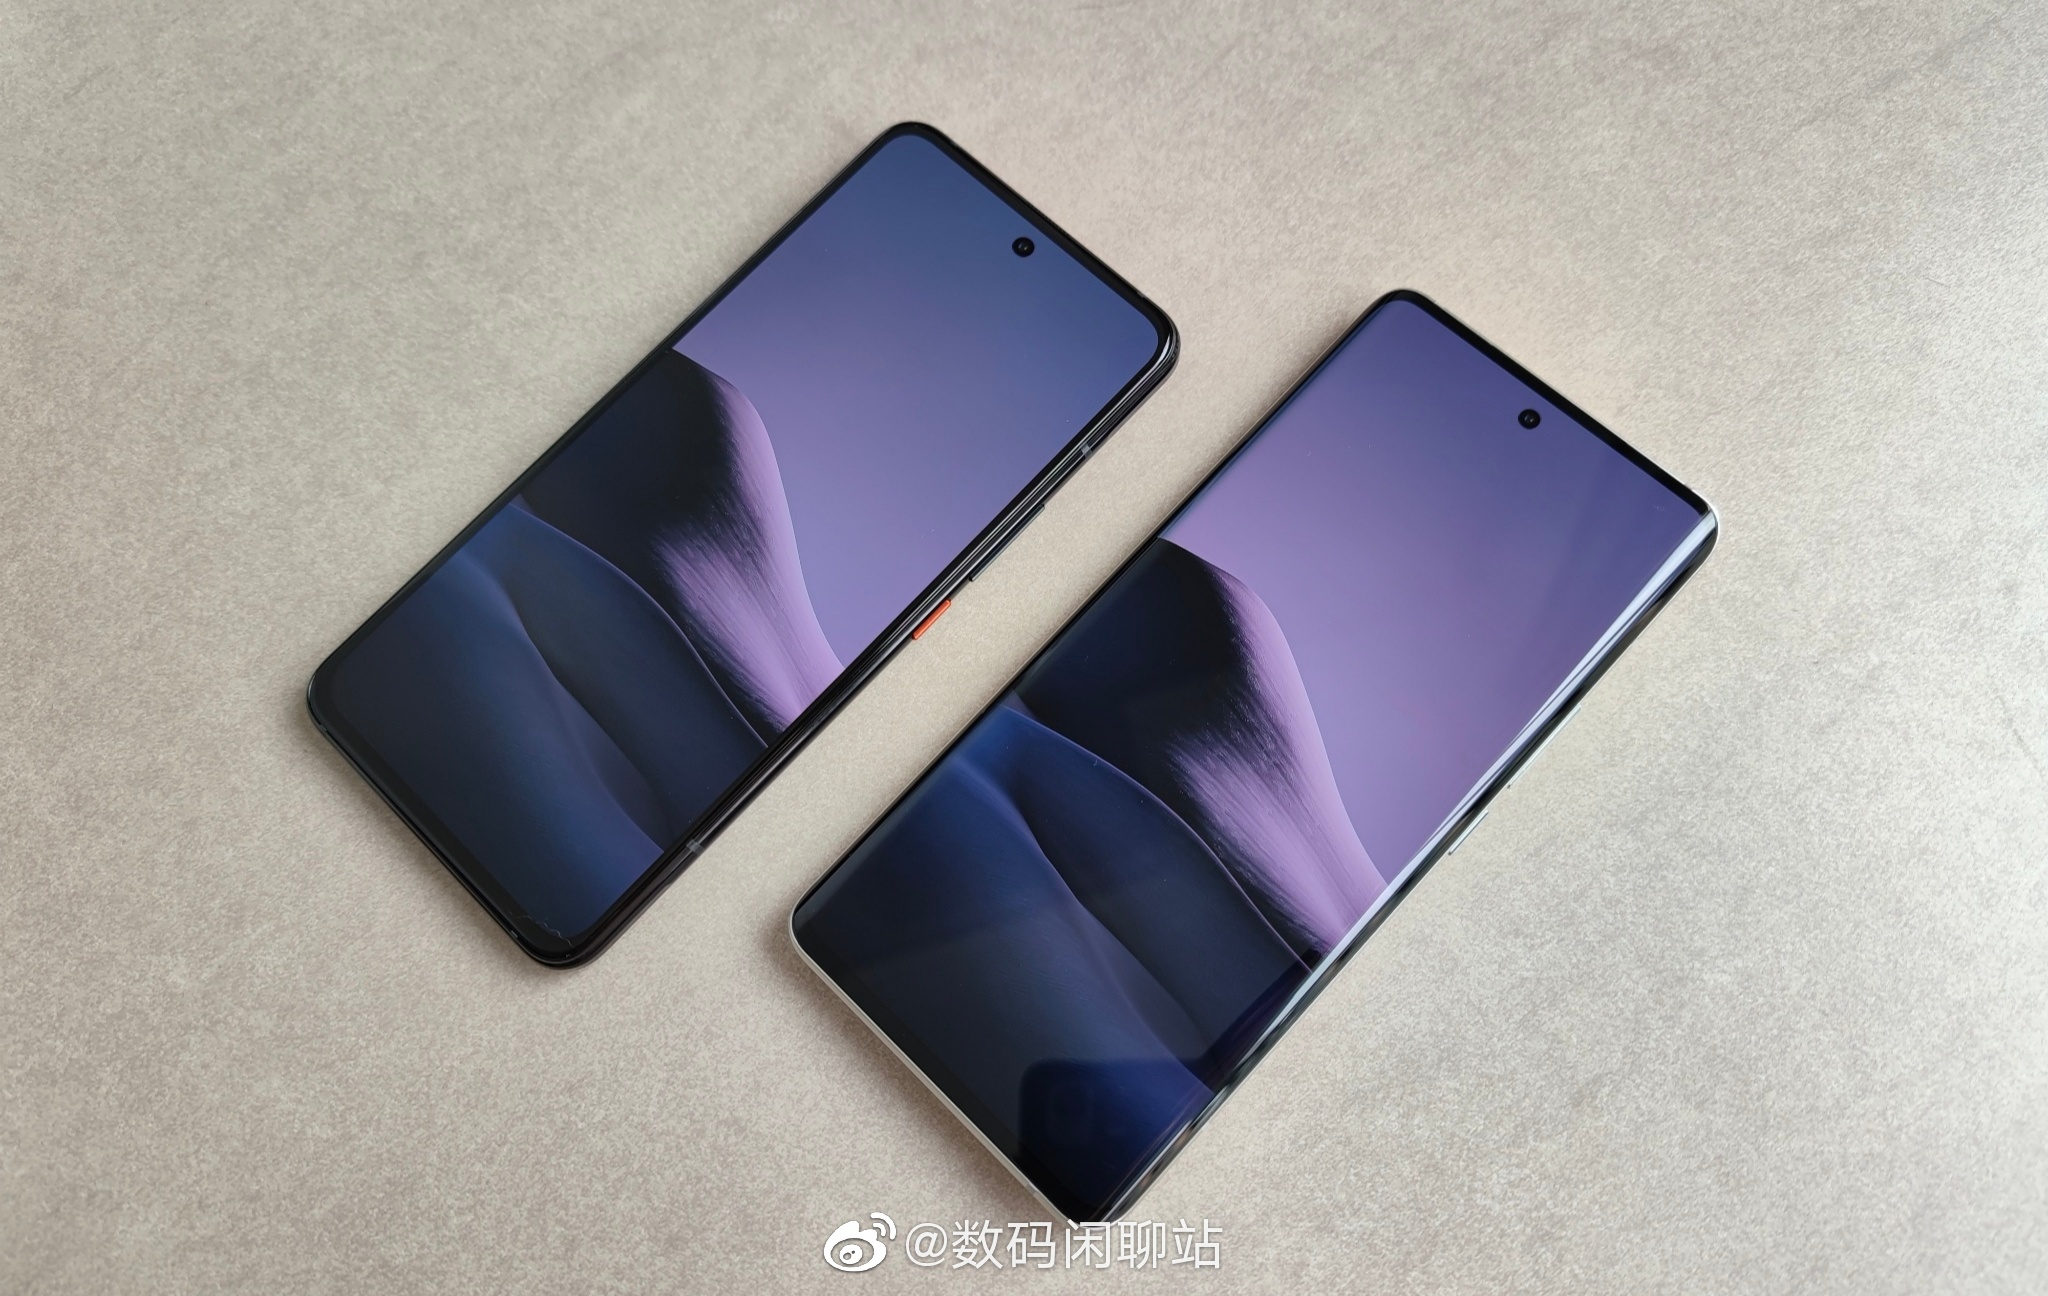 kiedy premiera Xiaomi Mi 11 Pro cena plotki przecieki wycieki specyfikacja zdjęcie